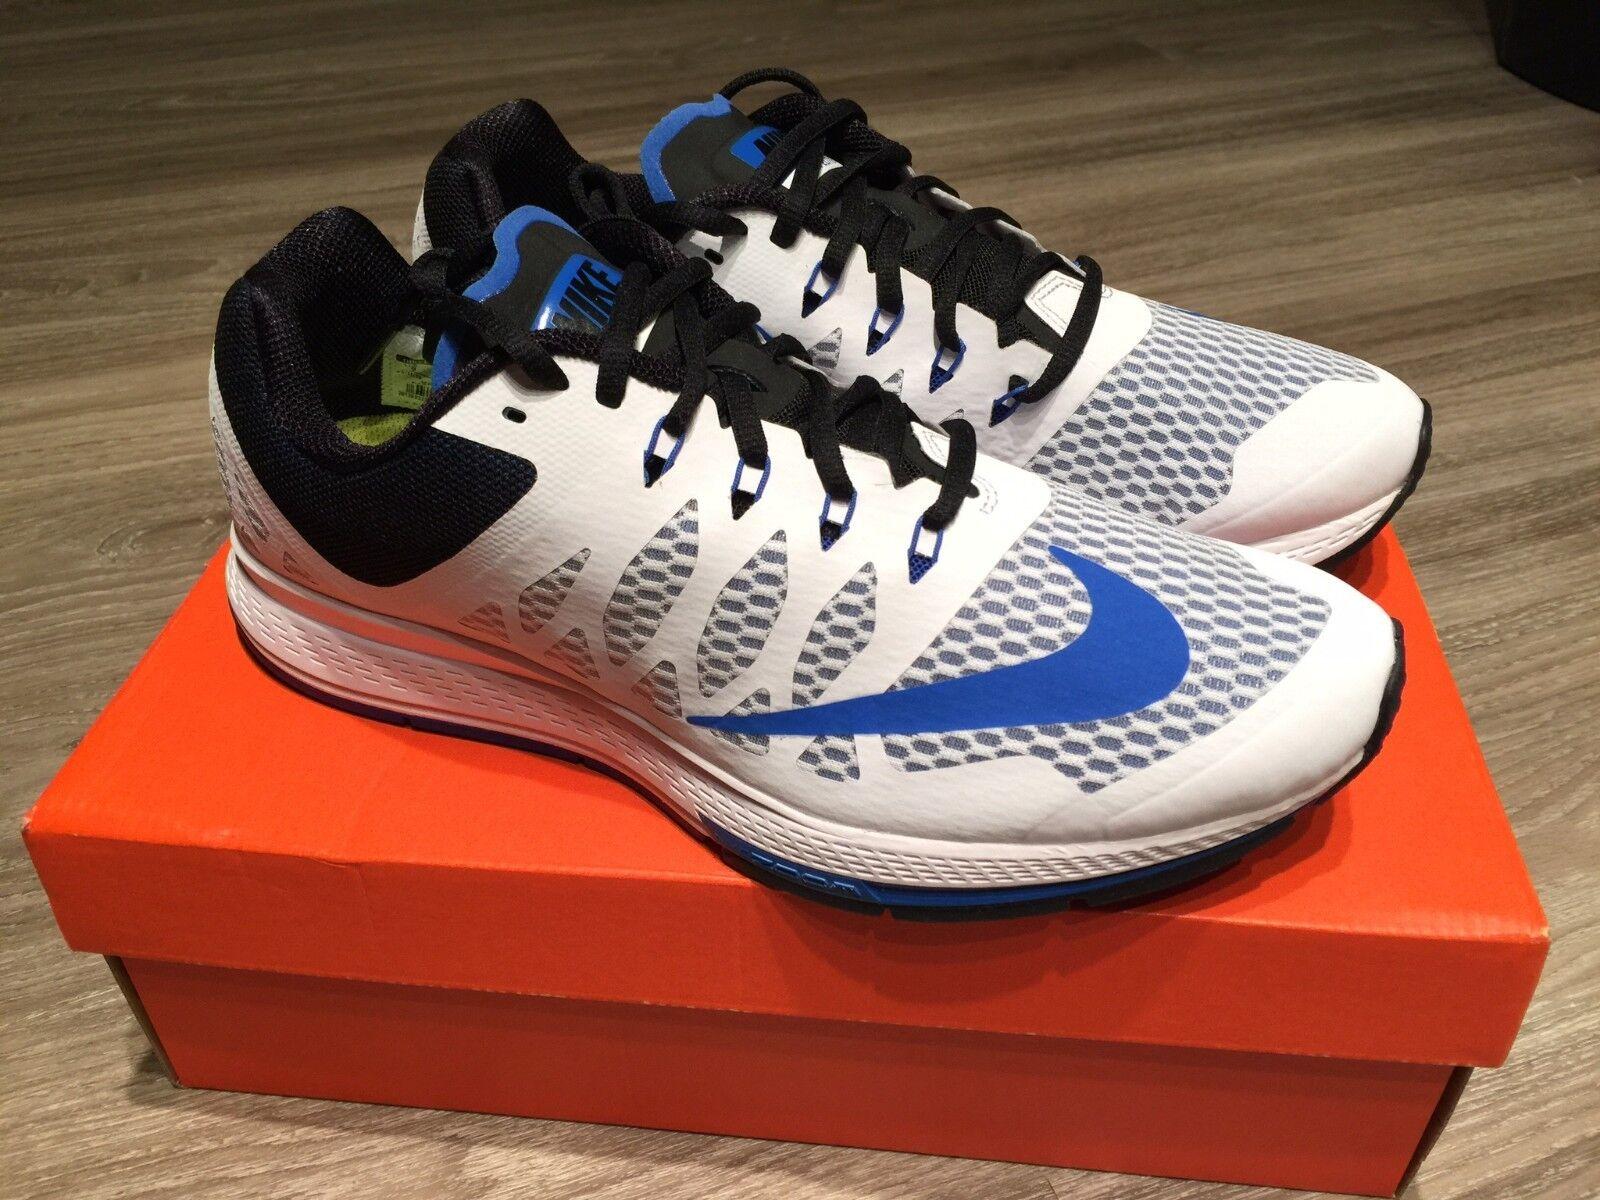 Nike zoom elite 7 men running schuhe Weiß/hyper cobalt-schwarz 654443-100 nib 110